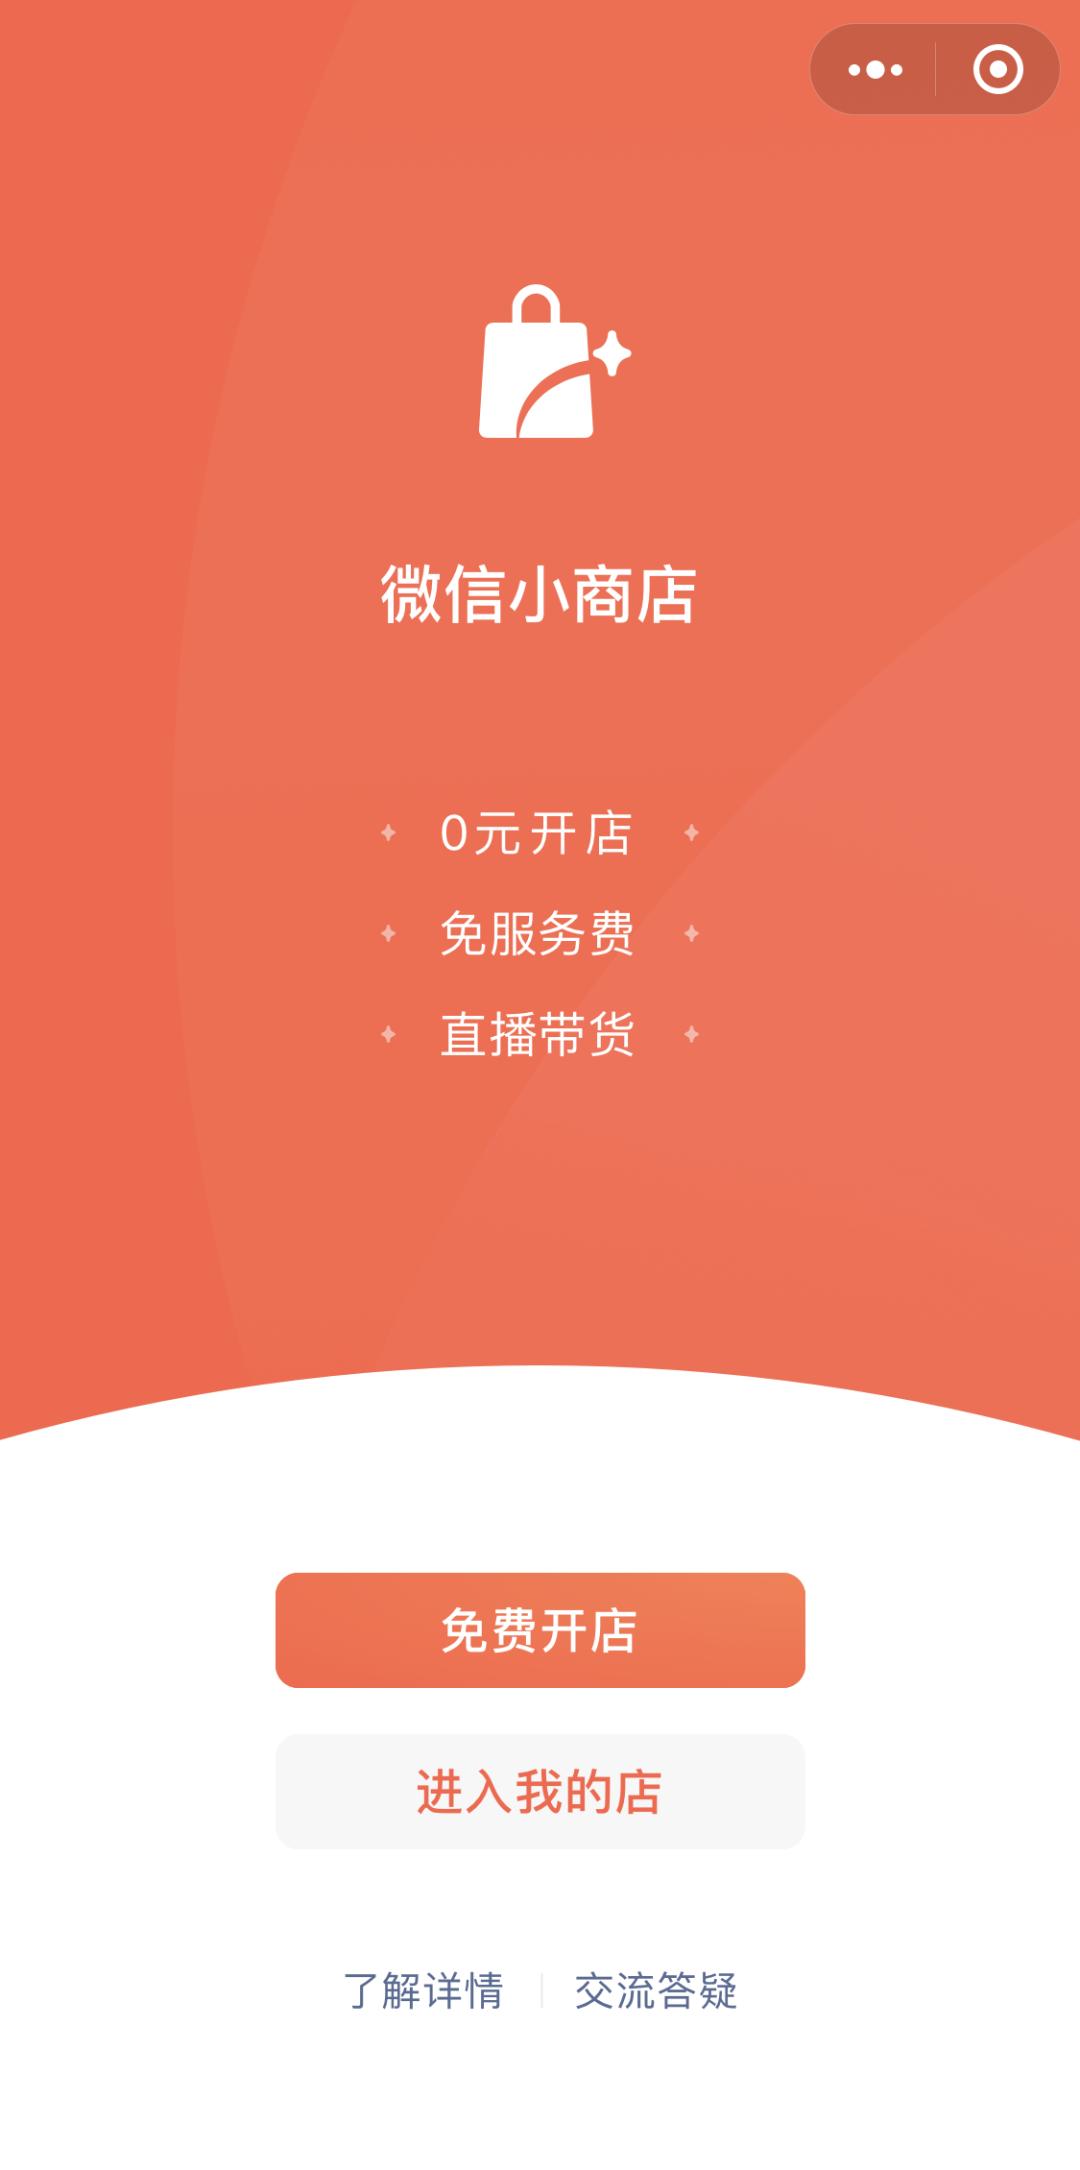 微信小商店开店指南_给你一个开店的机会,你想做什么?